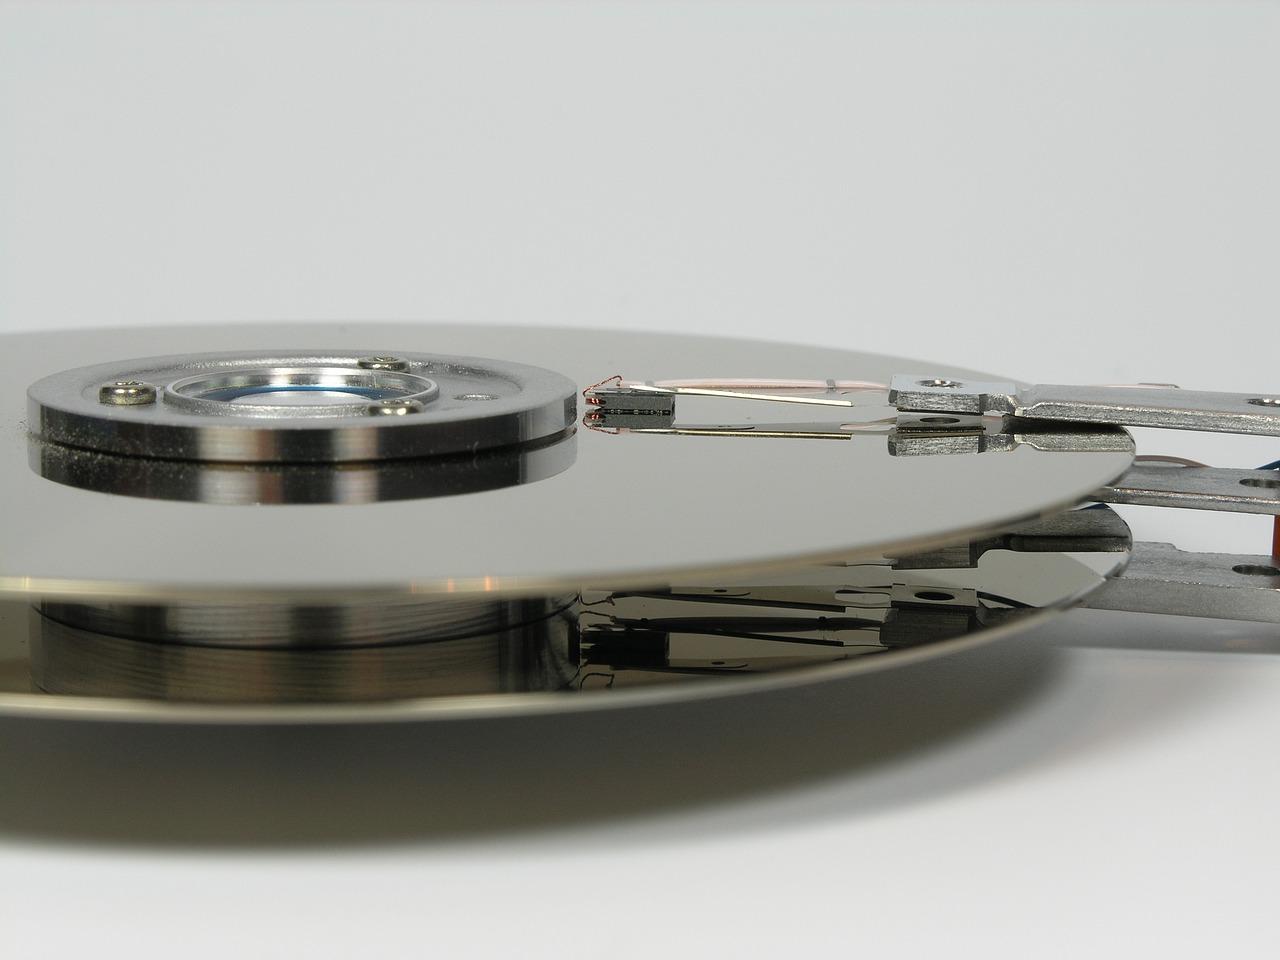 Sostituzione Hard Disk